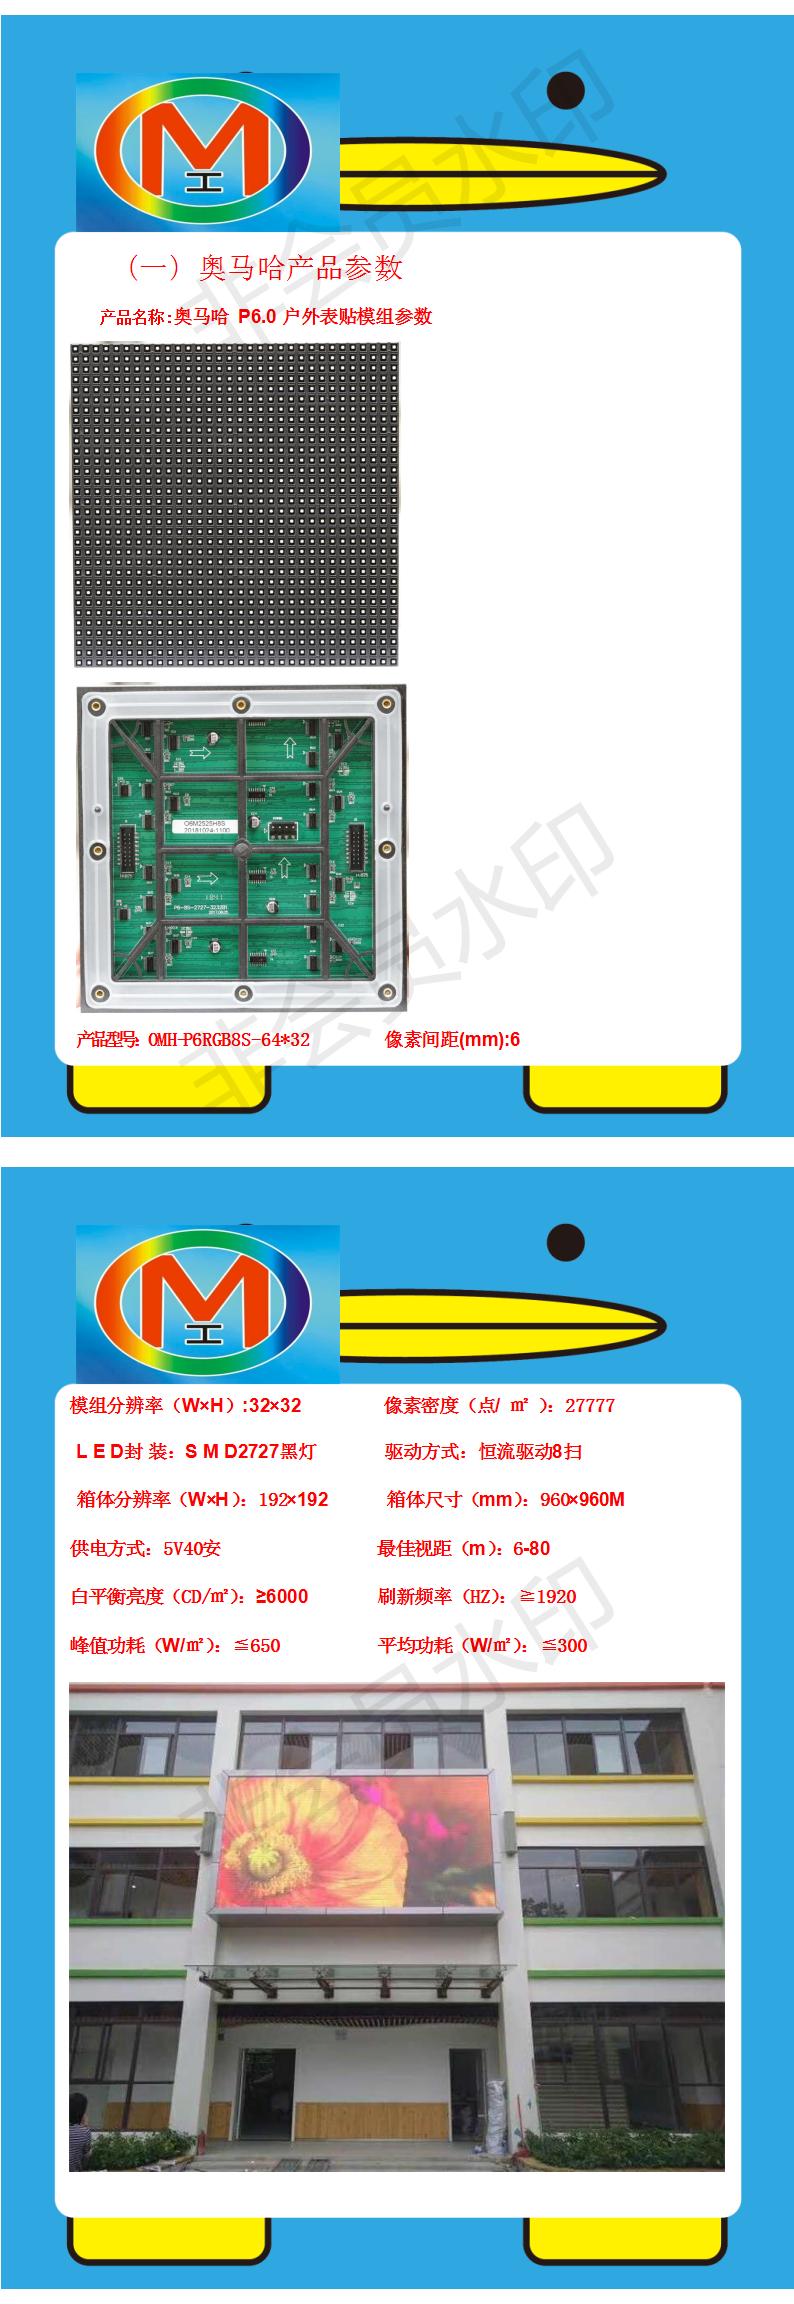 揭阳市普宁梅林中学出入口LED户外显示屏专用P6简易箱体(奥马哈)